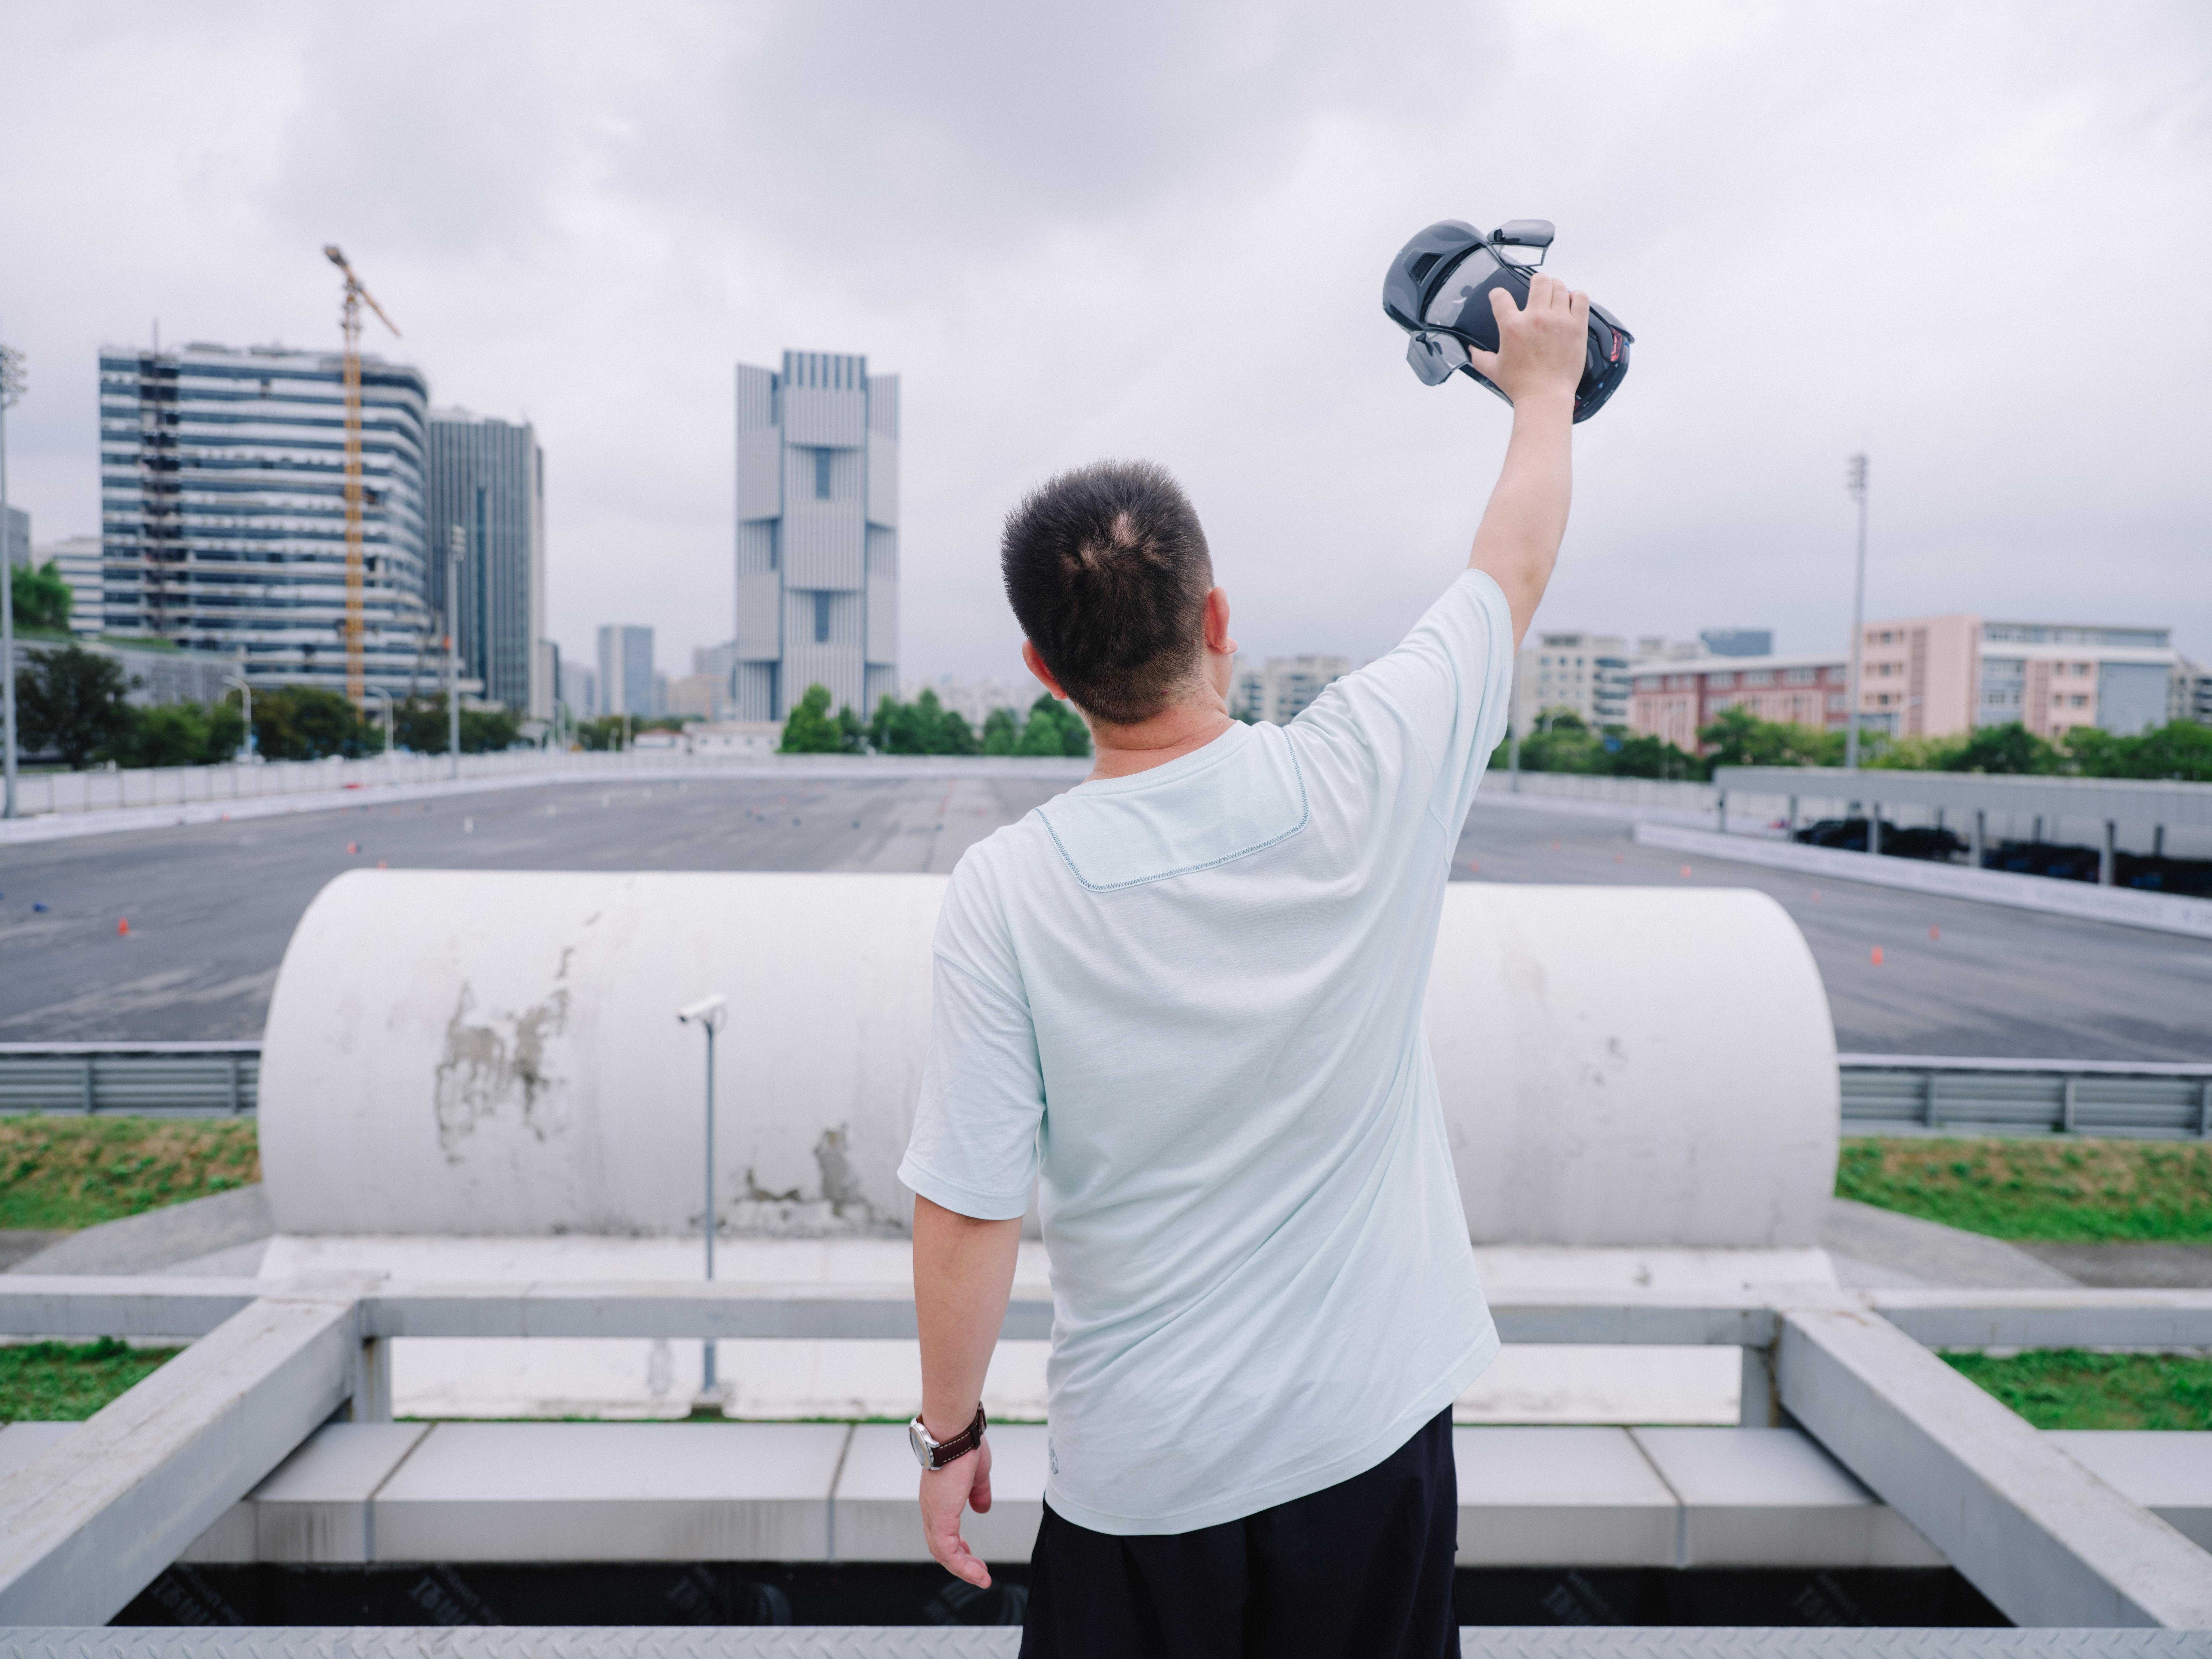 低碳72策:带动全价值链,出行企业绿电转型|城市呼吸-第1张图片-华润娱乐